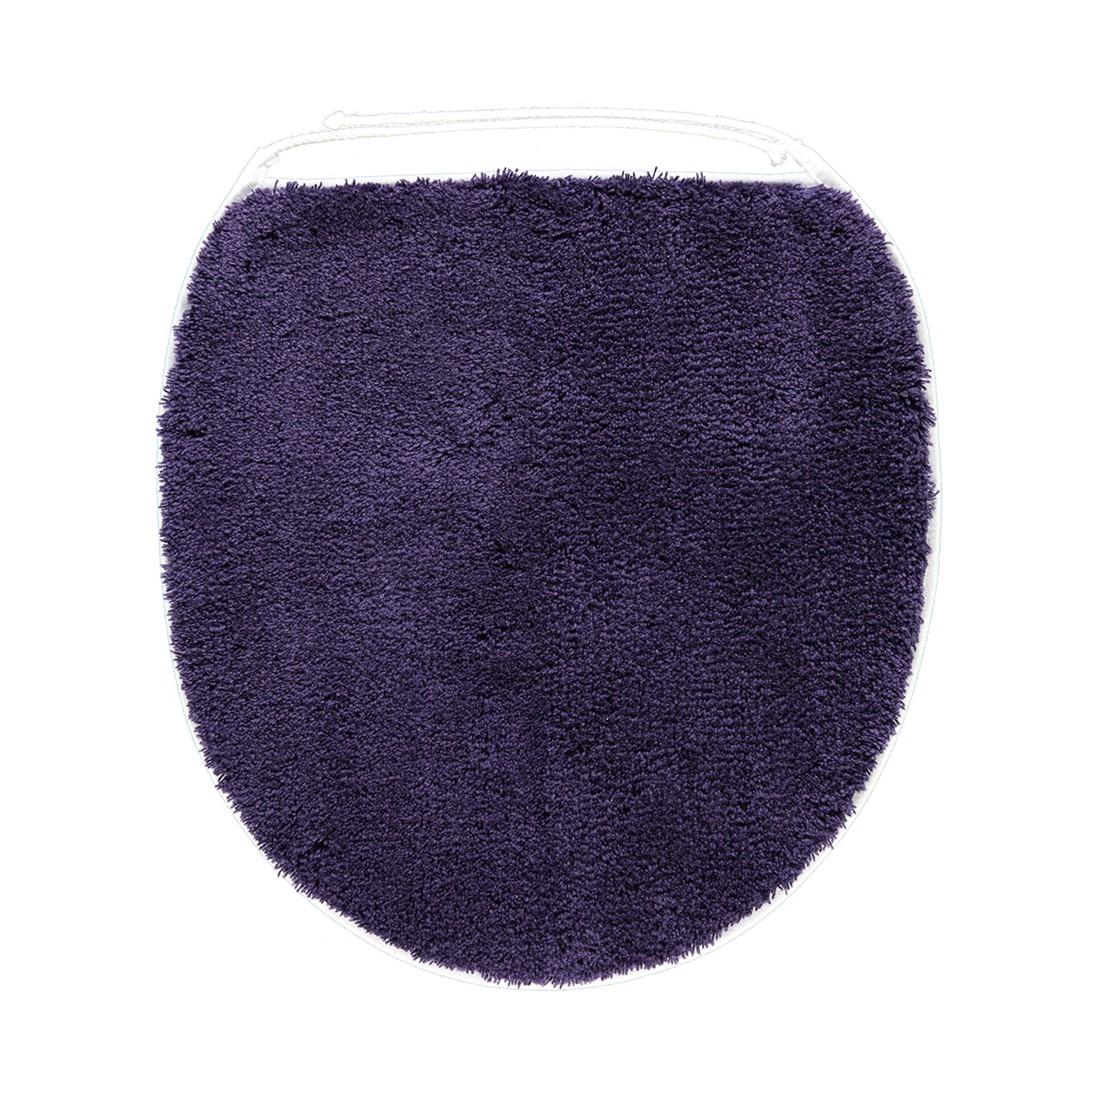 Deckelbezug Soft – 100% Polyacryl Aubergine – 872, Kleine Wolke online kaufen